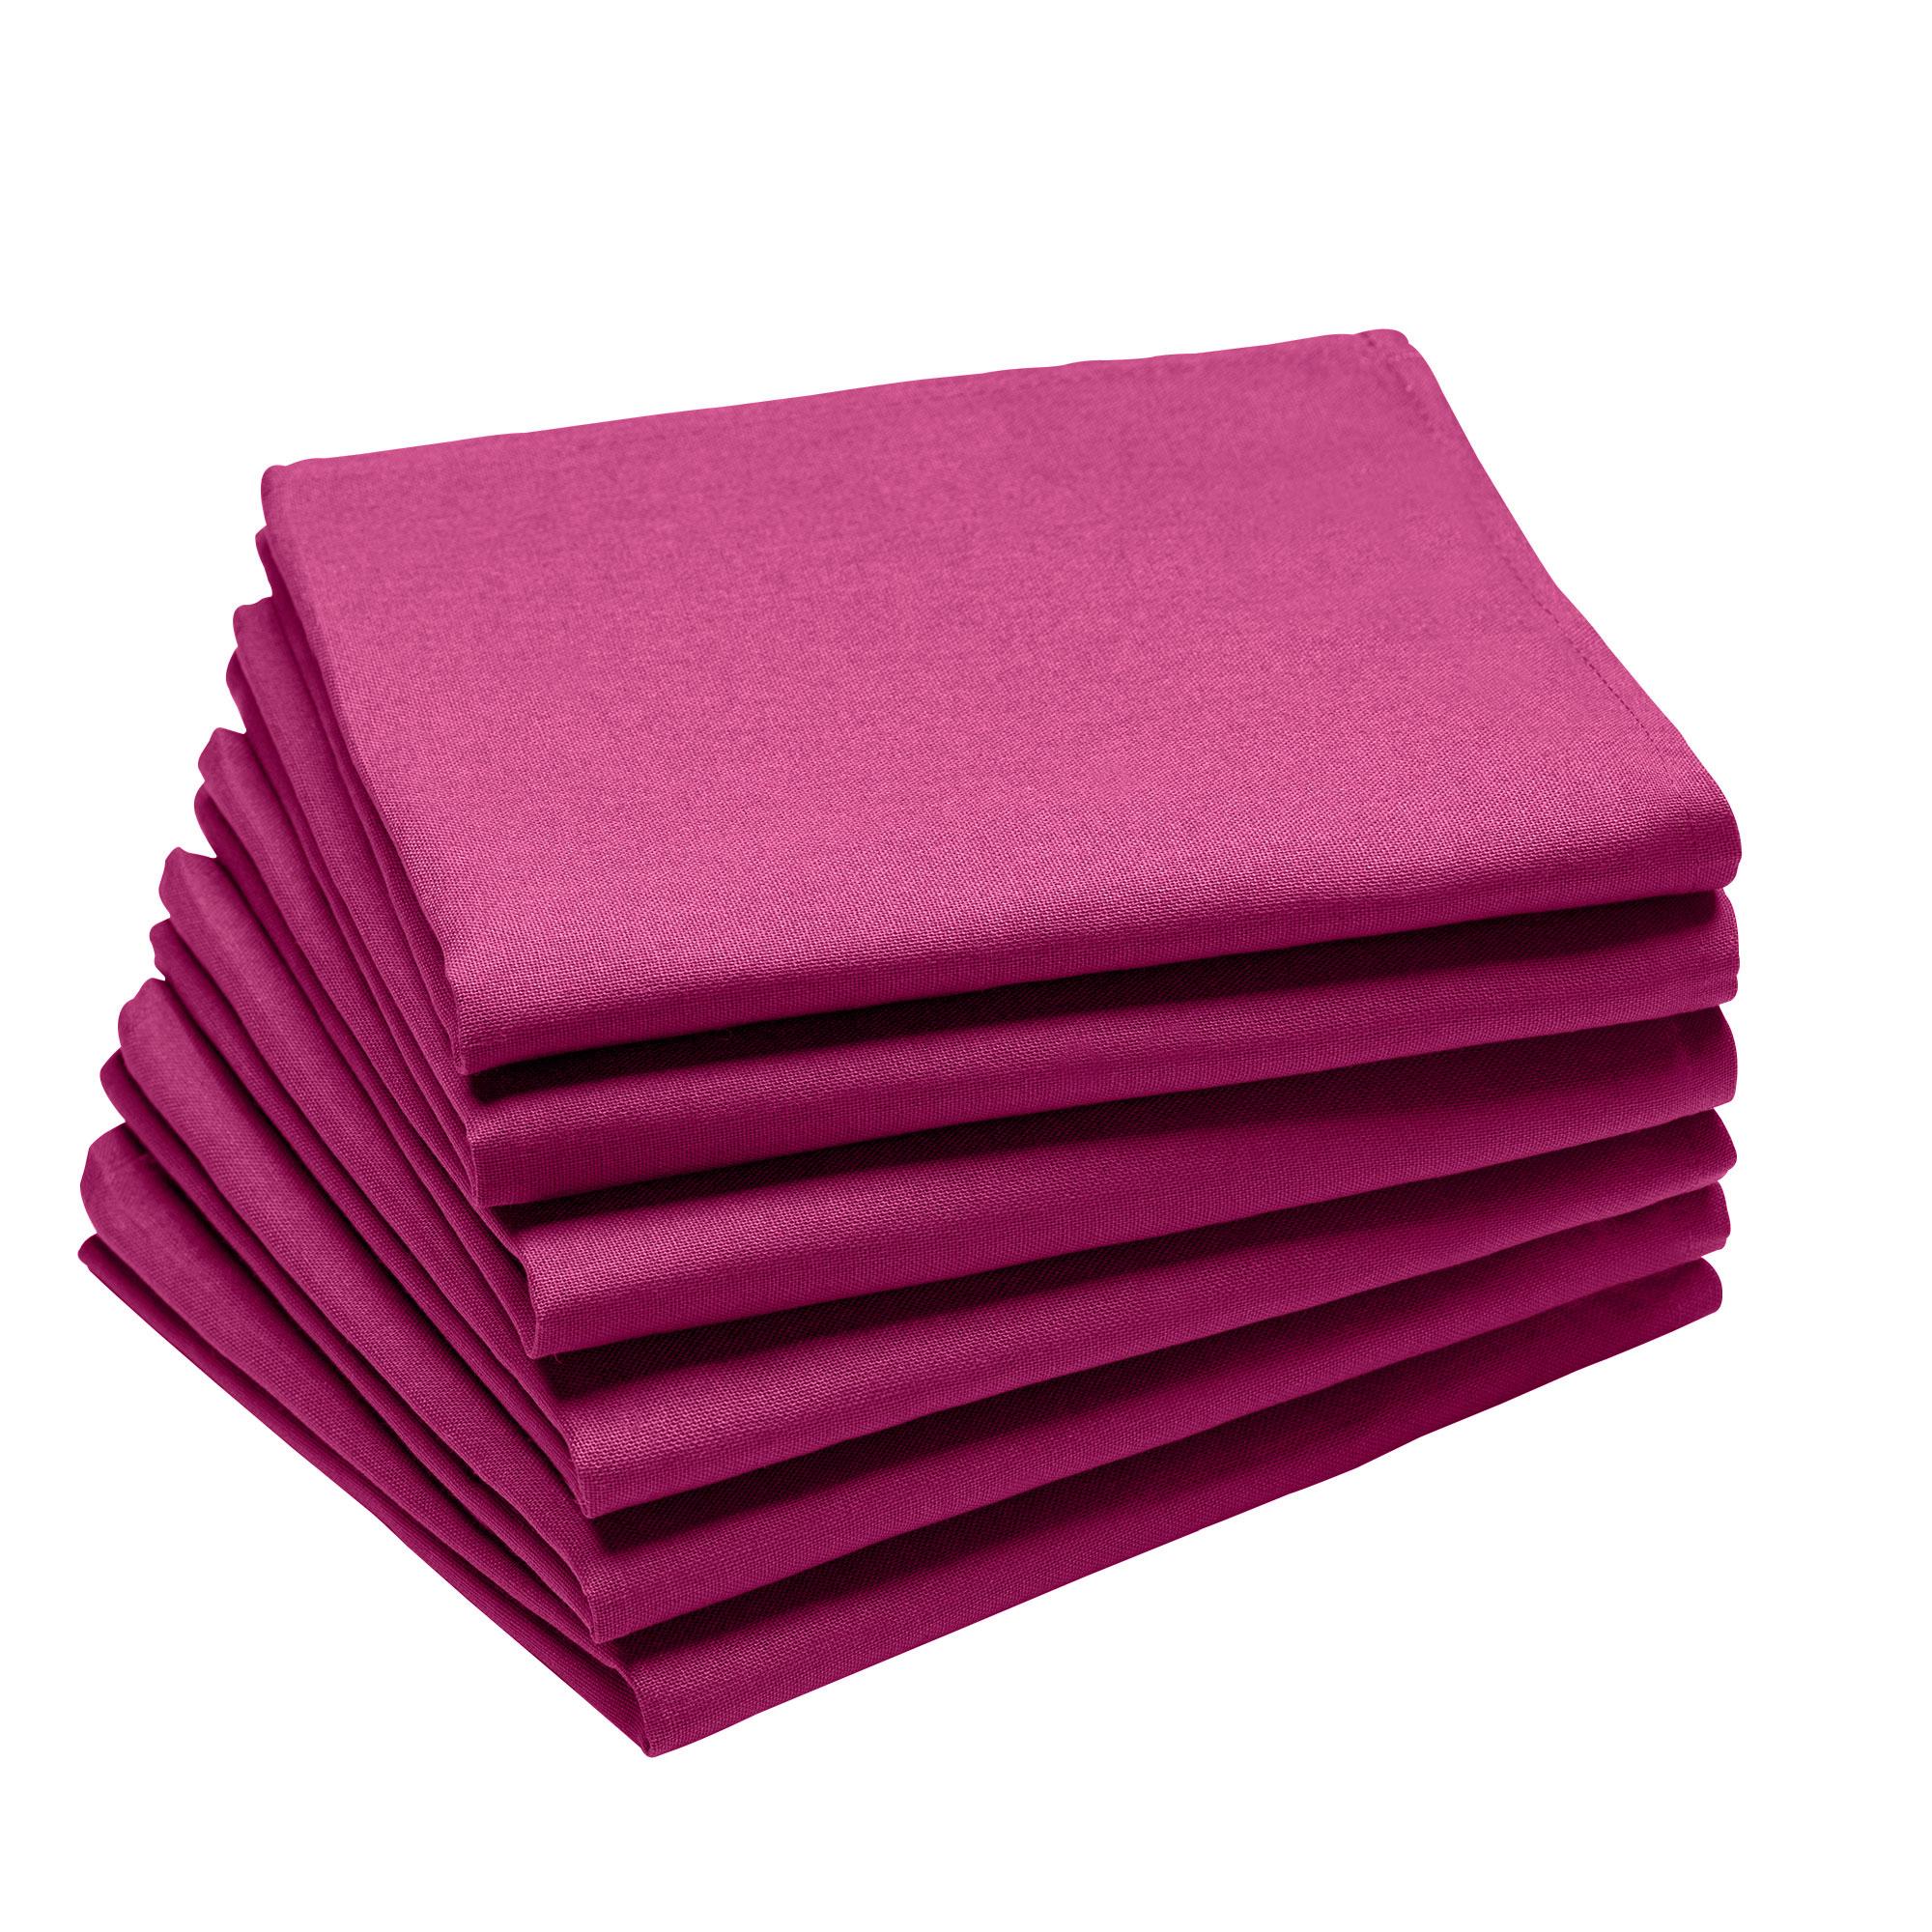 Lot de 6 serviettes en coton traite Teflon, Fuchsia 45 x 45